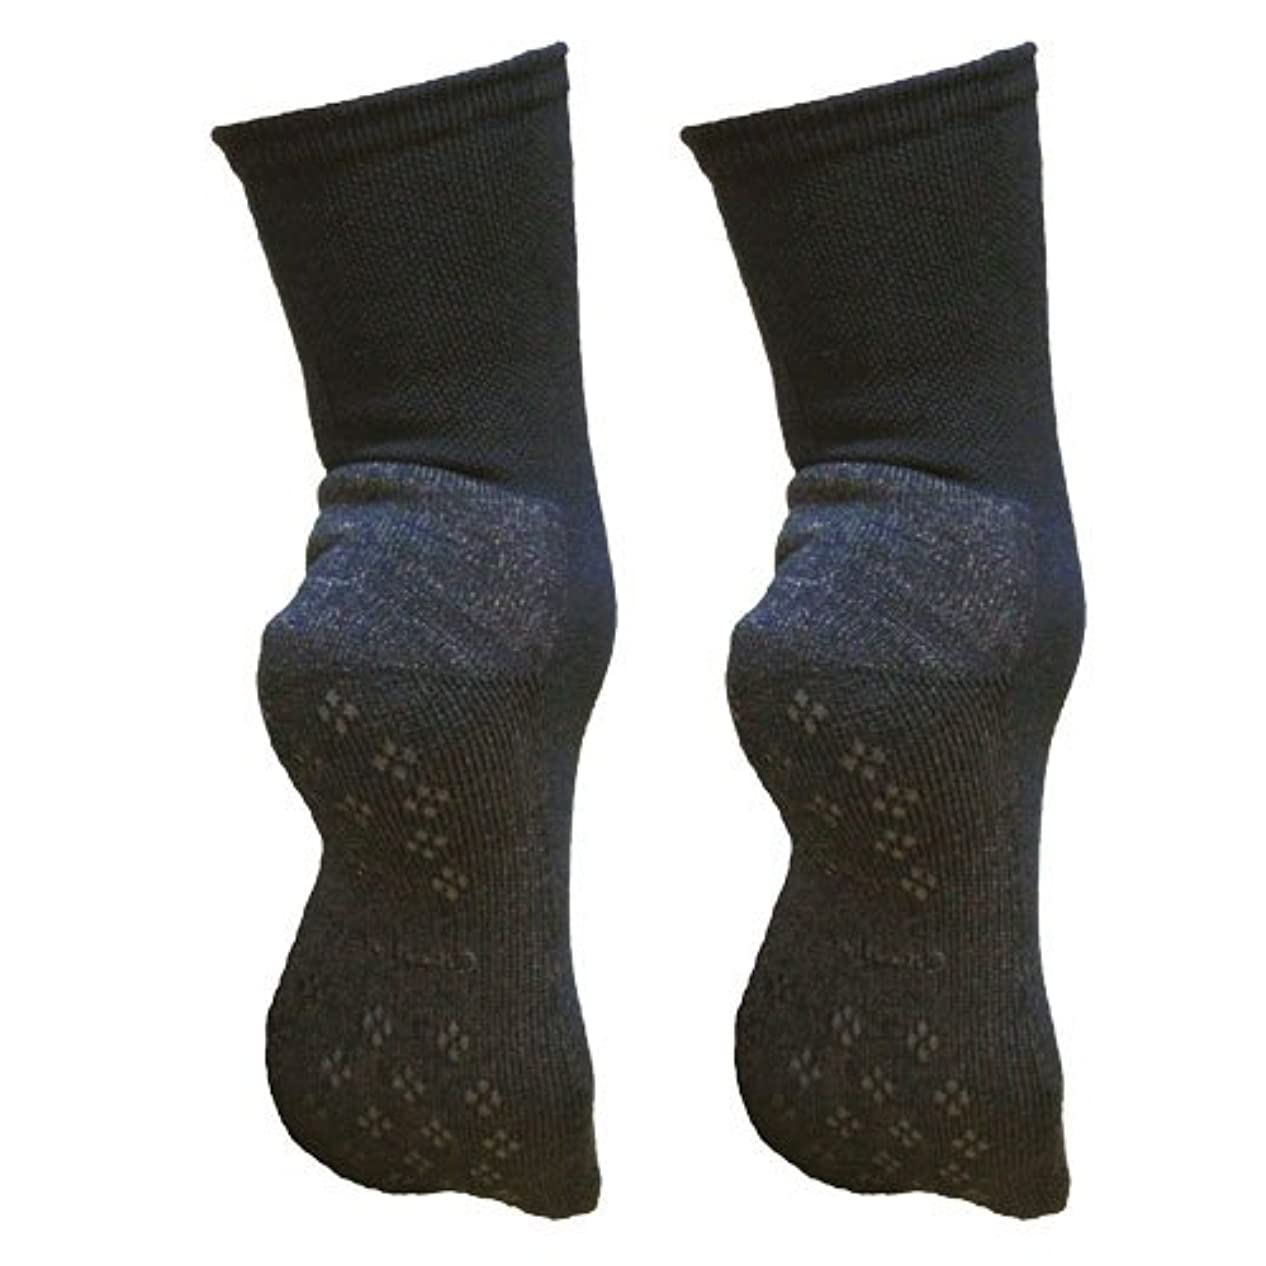 水曜日名前で経験銅繊維靴下「足もとはいつも青春」パイルタイプ2足セット 靴底のあたたかさ重視